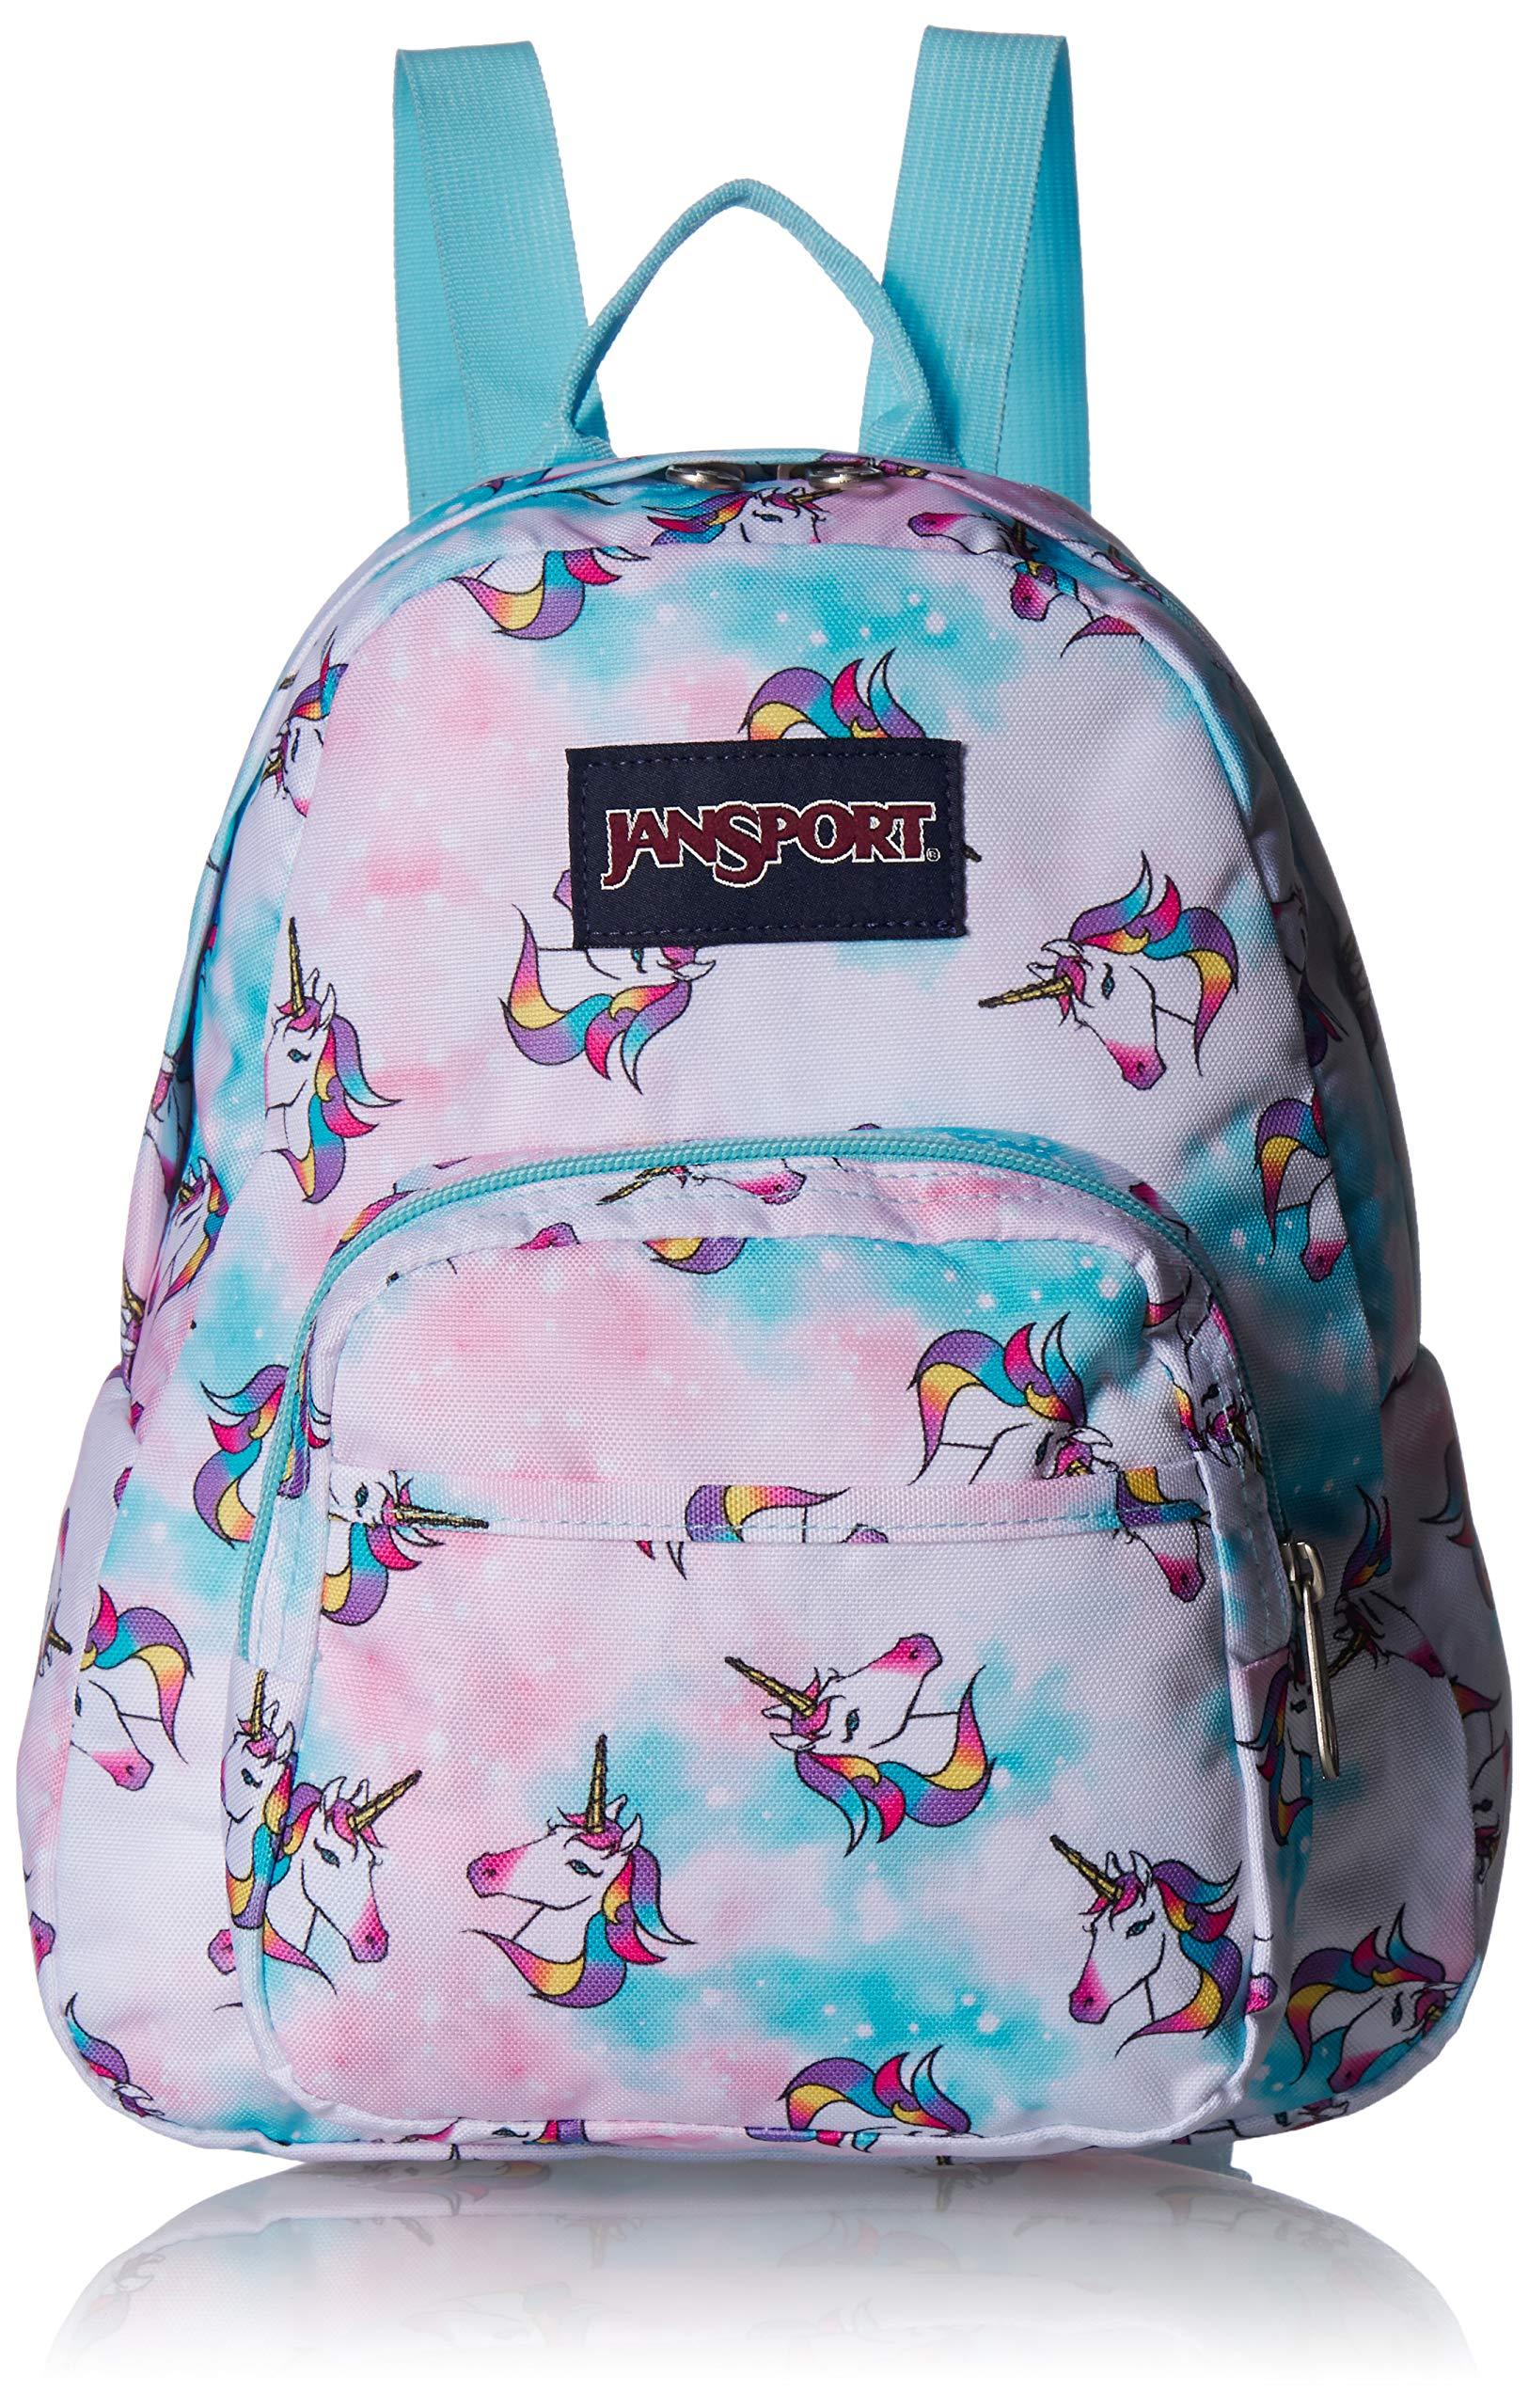 JanSport Half Pint Backpack 2